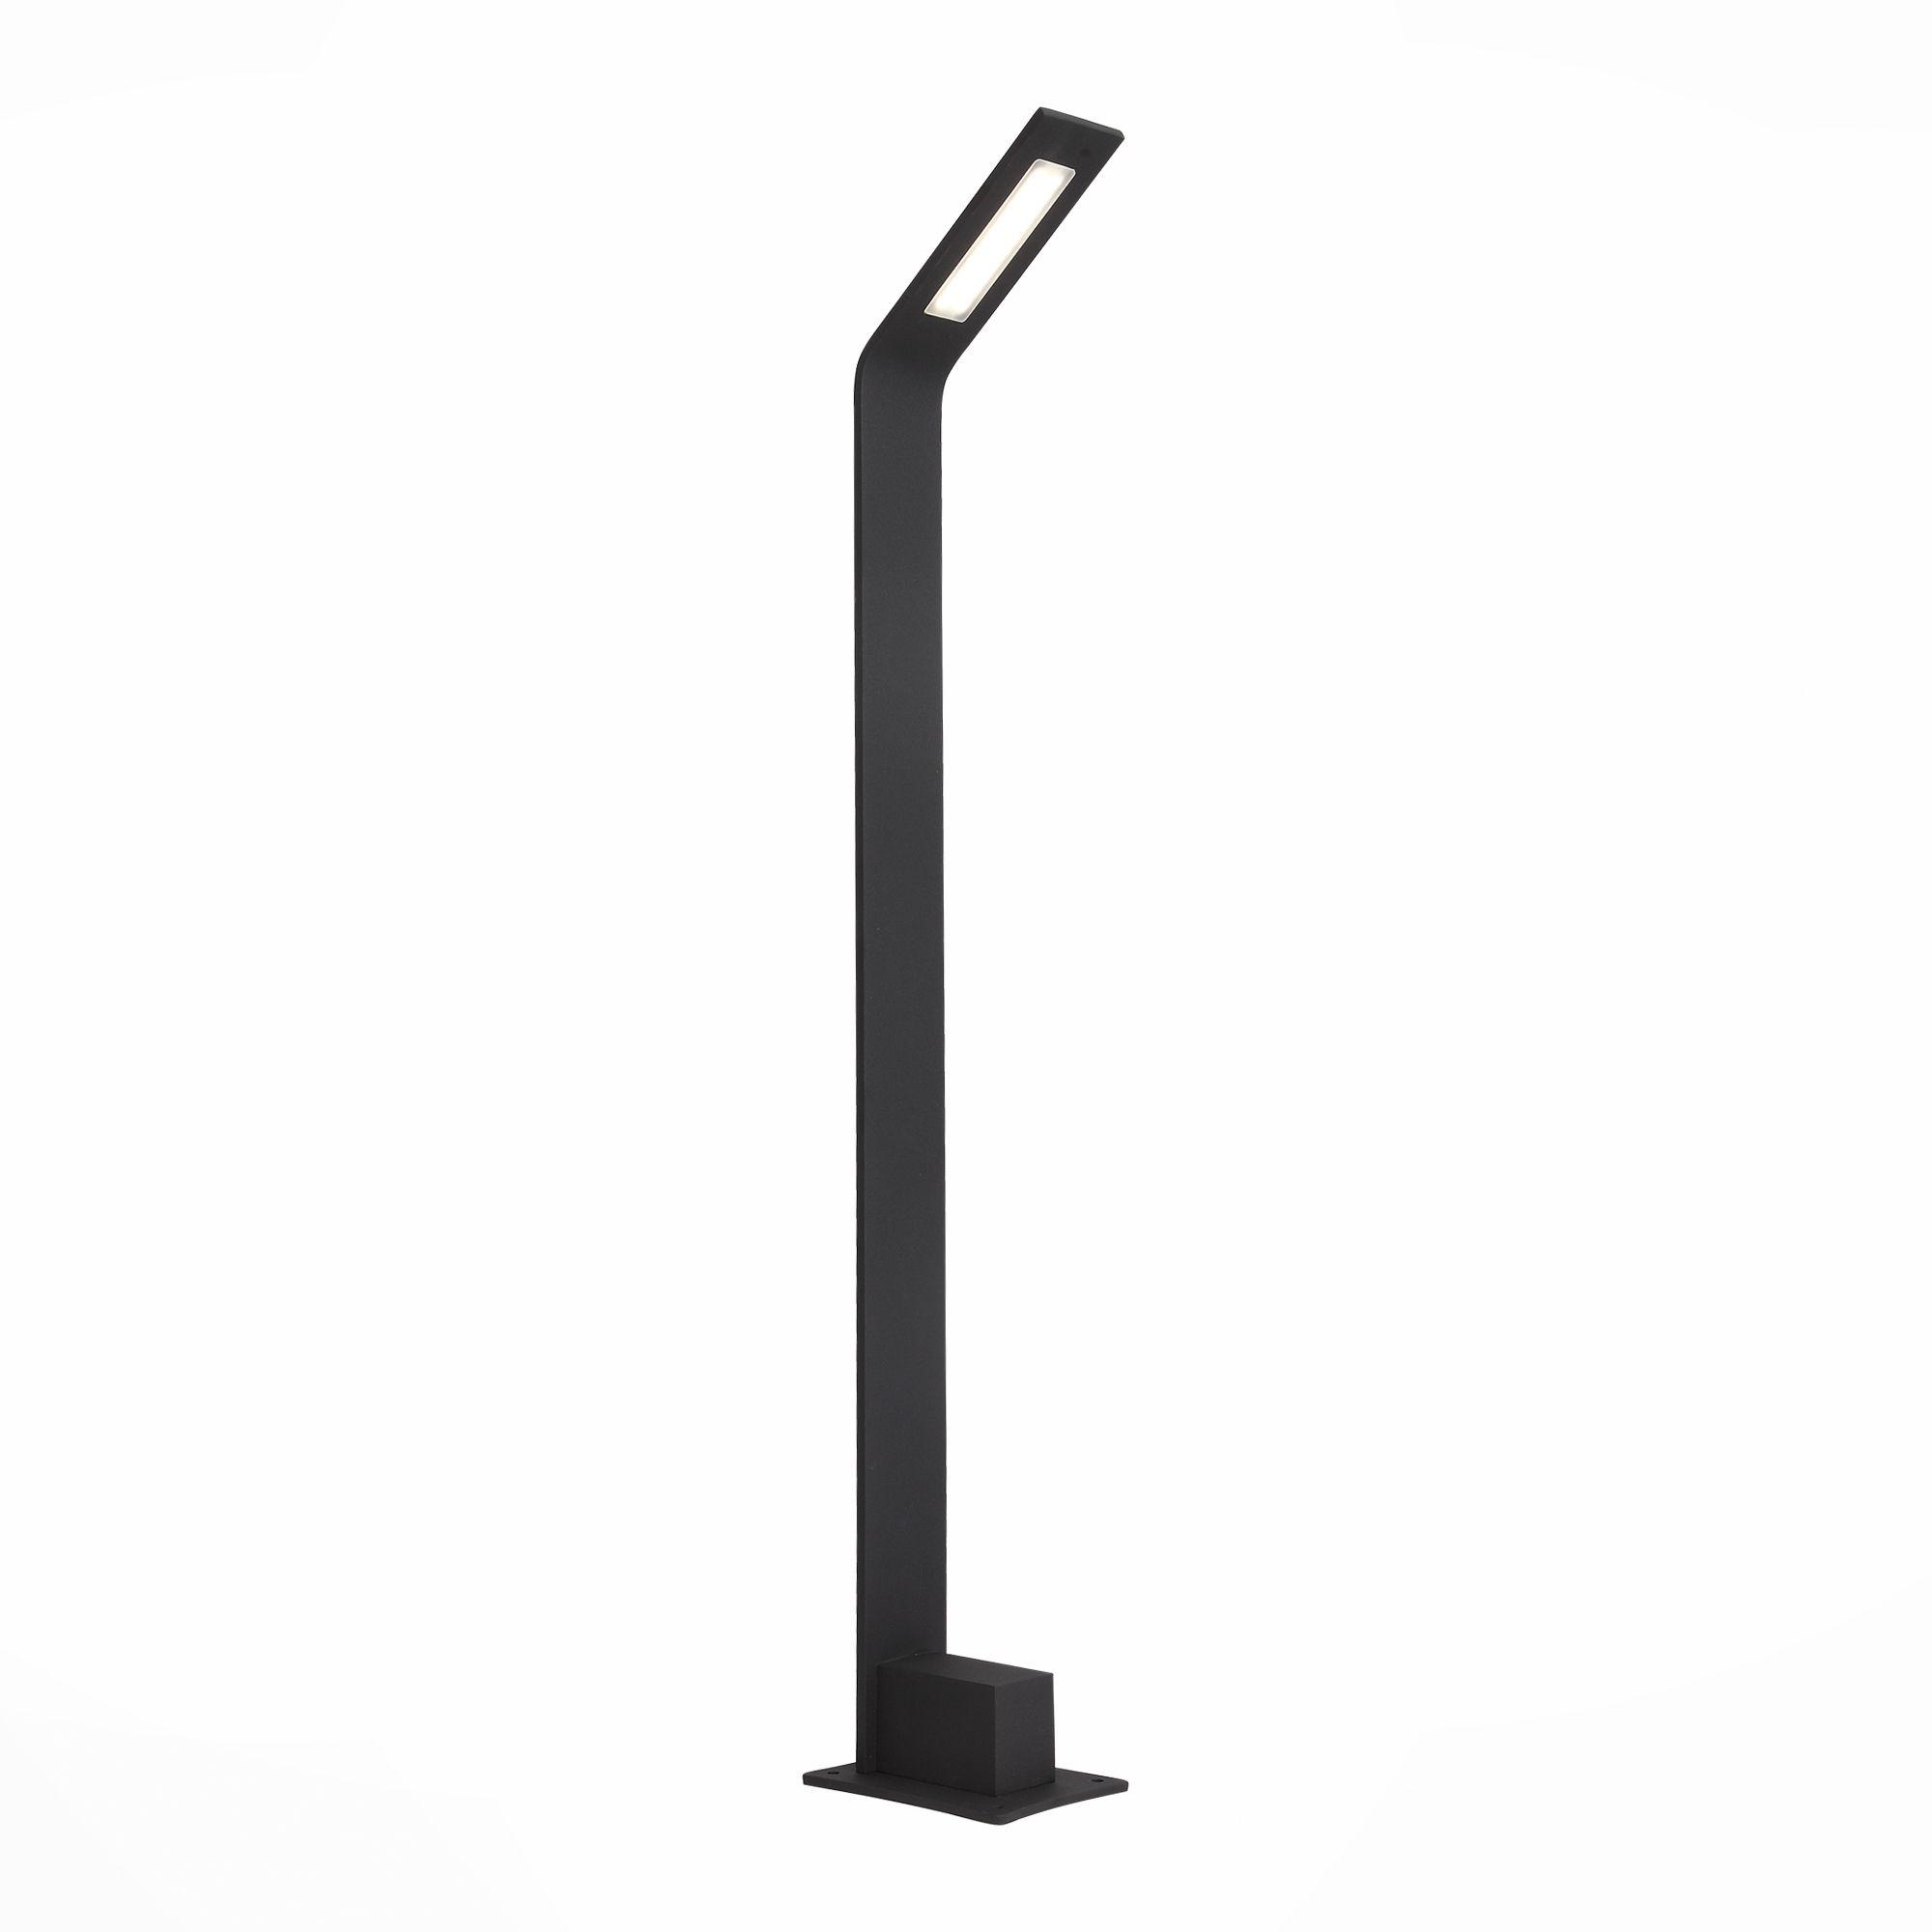 Светильник уличный наземный ST-Luce Черный/Черный LED 1*4W SL094.445.01